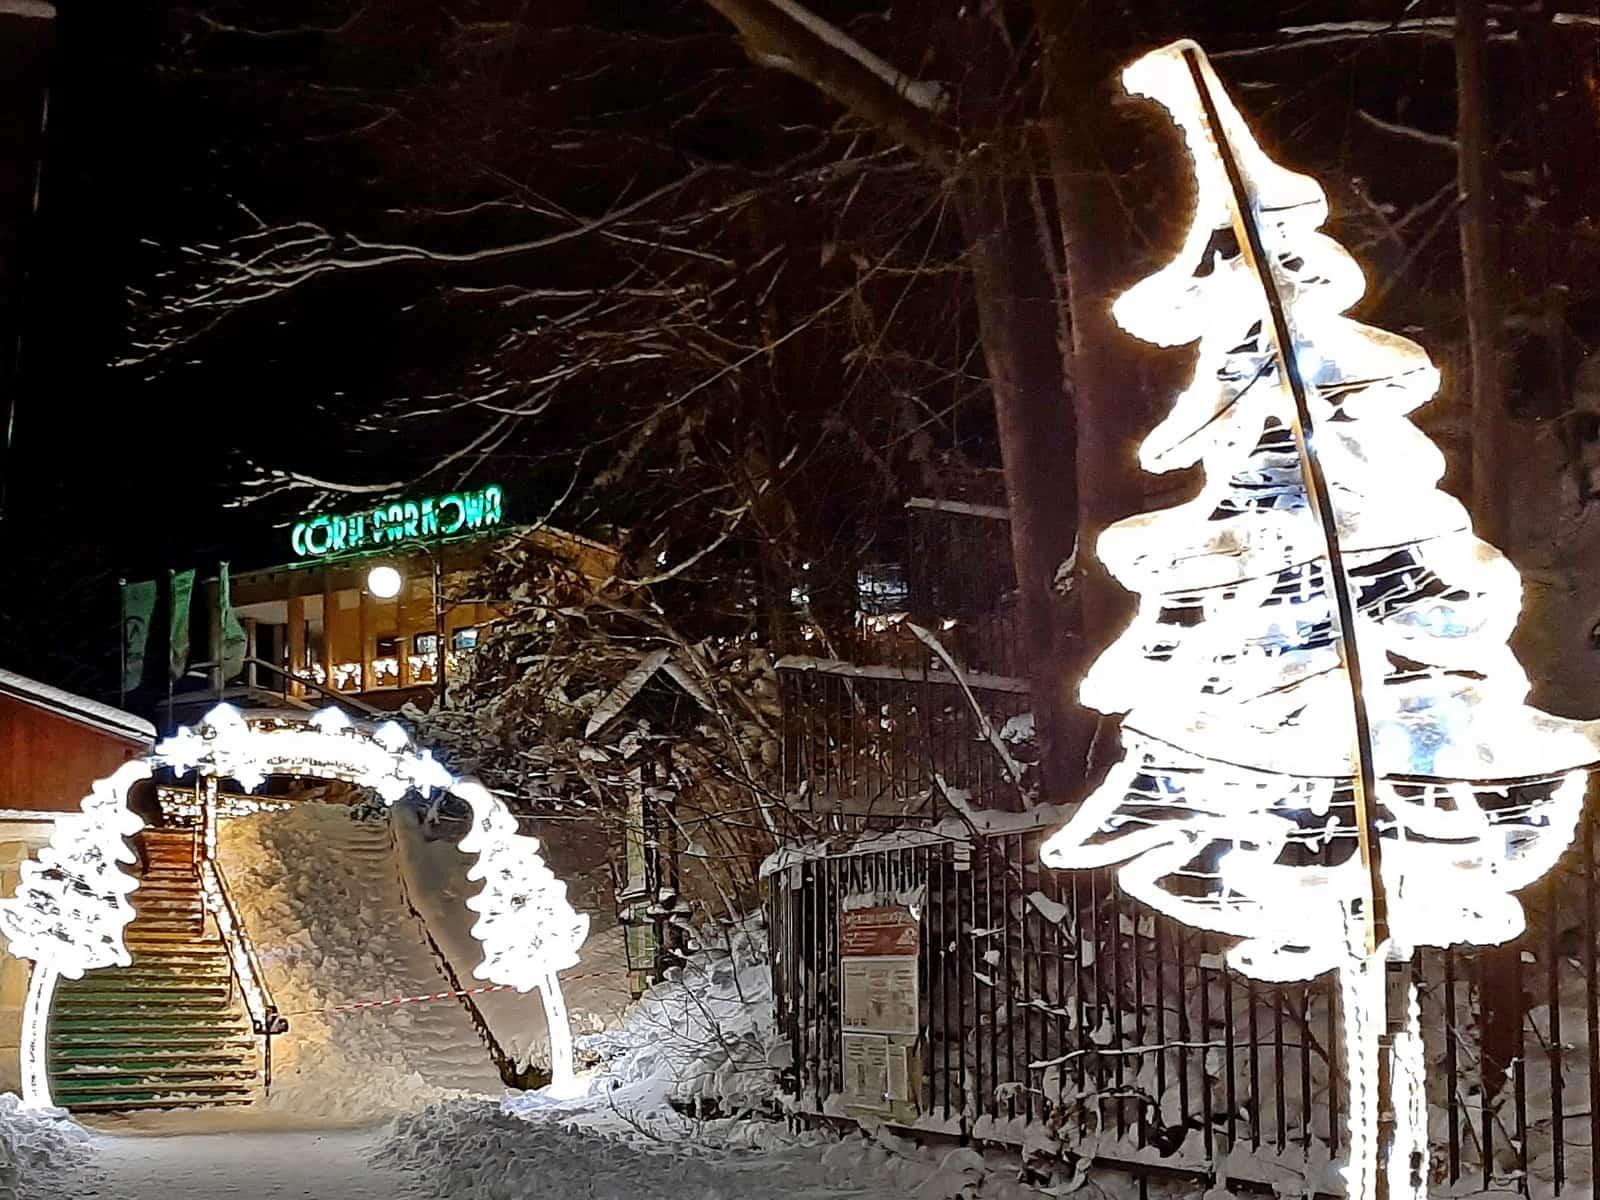 Wejście do Parku Światła. Dolna stacja kolejki na Górze Parkowej.